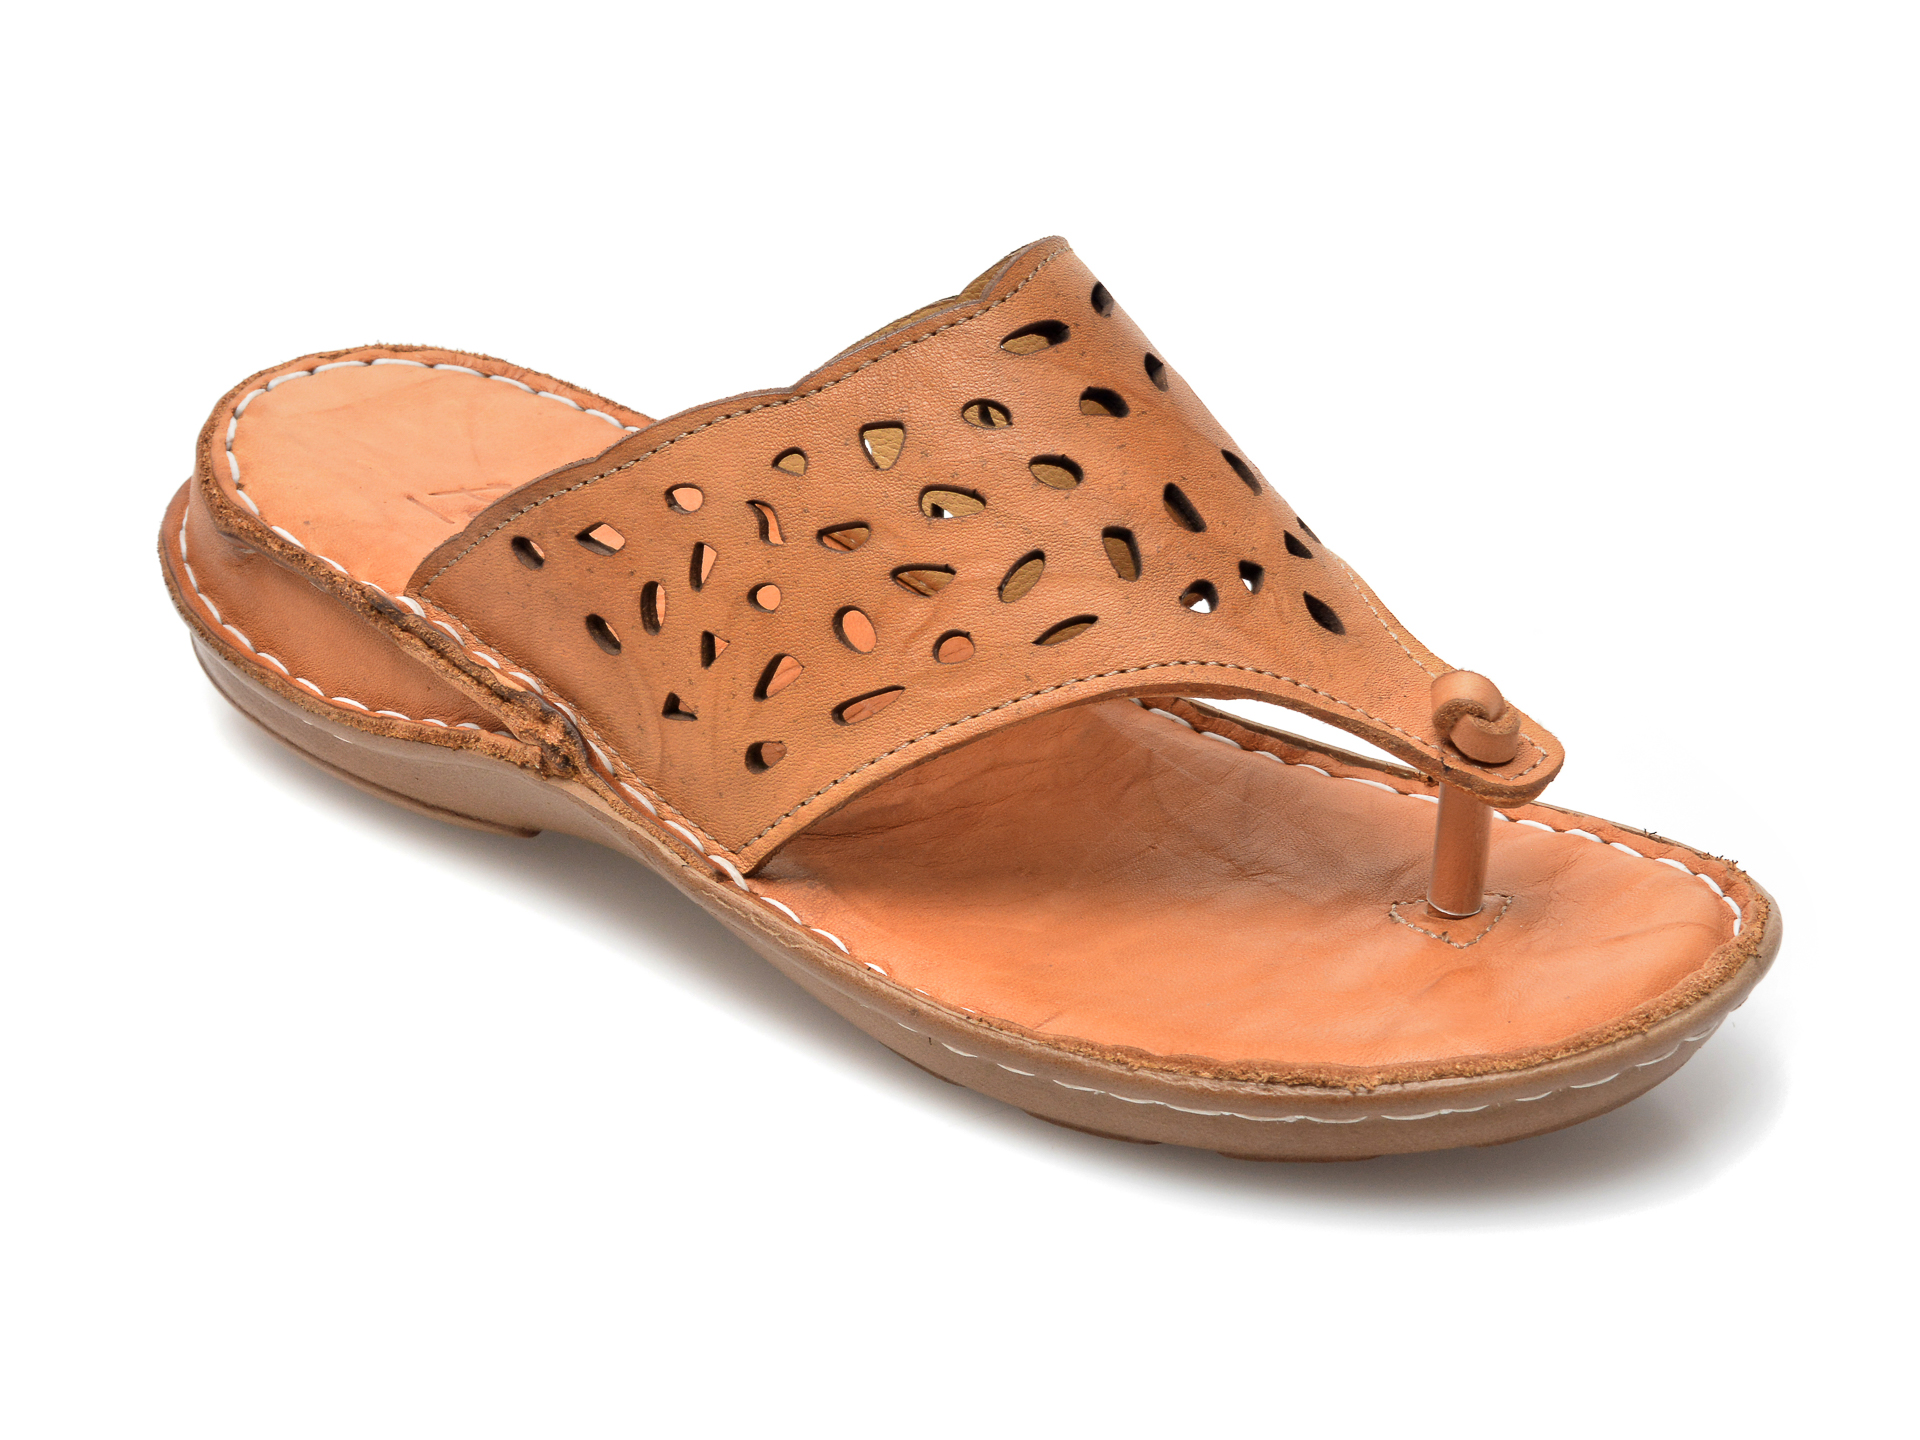 Papuci PAVARELLA maro, 393, din piele naturala imagine otter.ro 2021